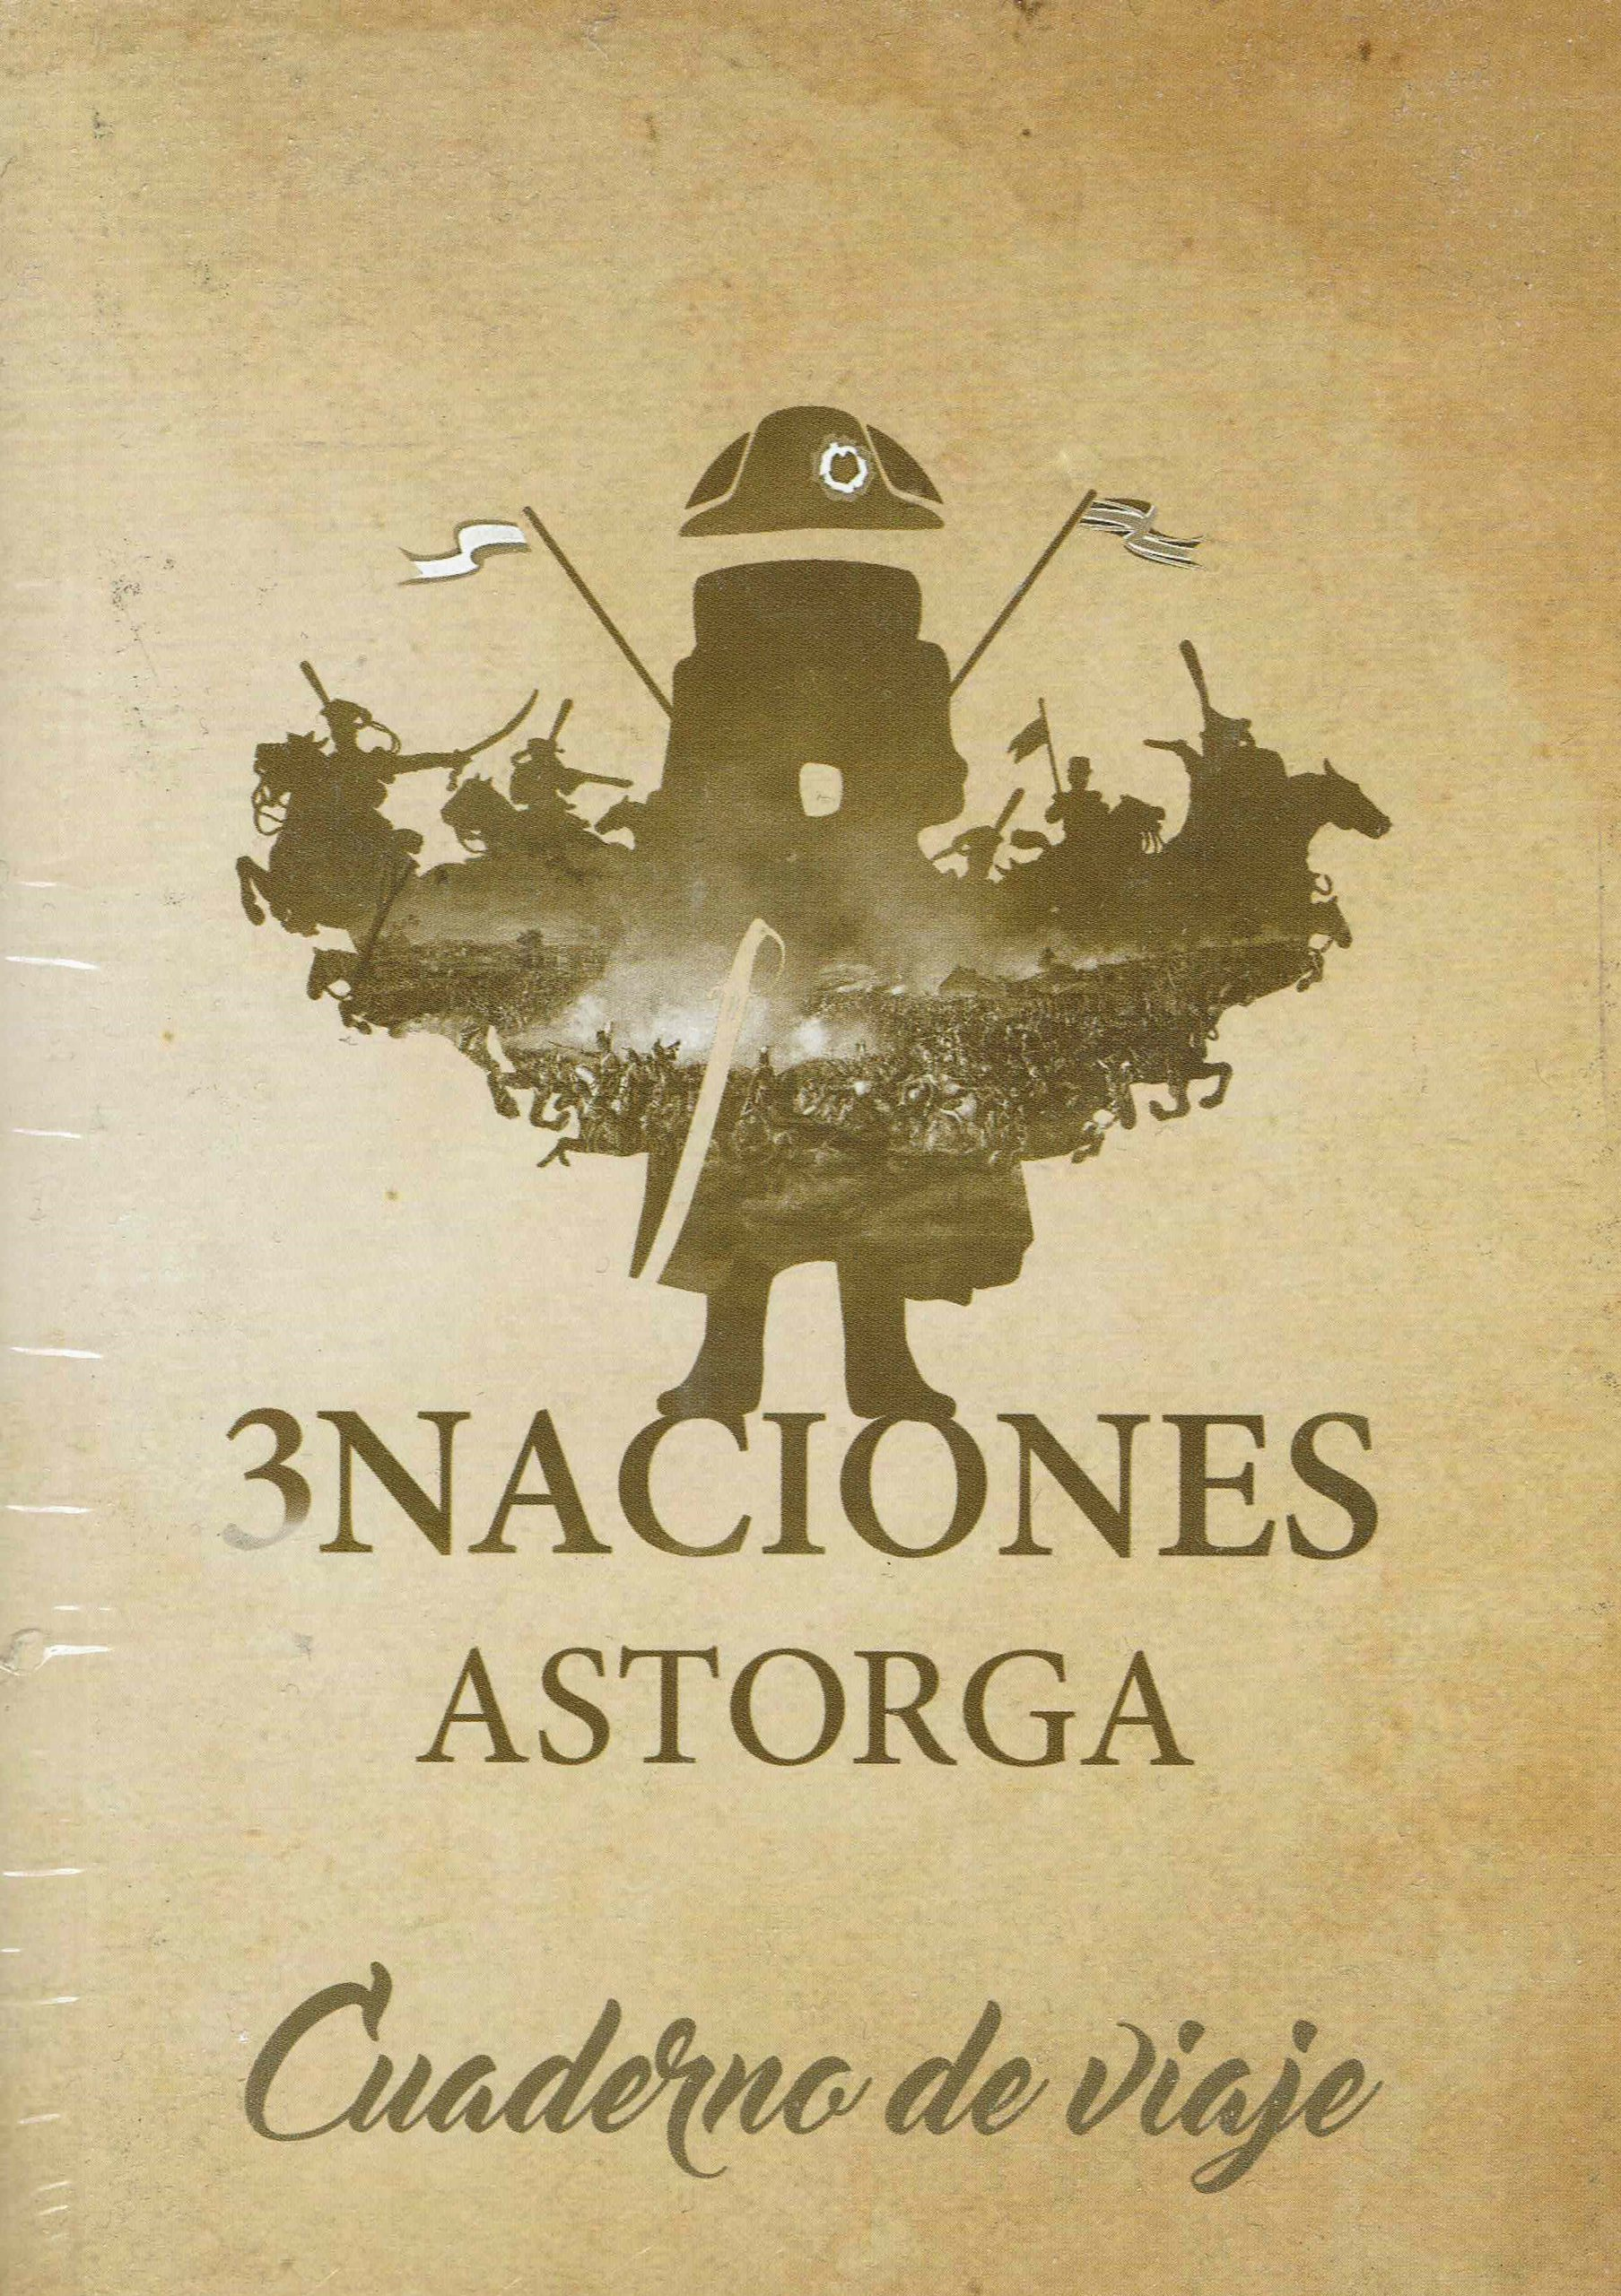 Astorga 3 Naciones Cuaderno de viaje